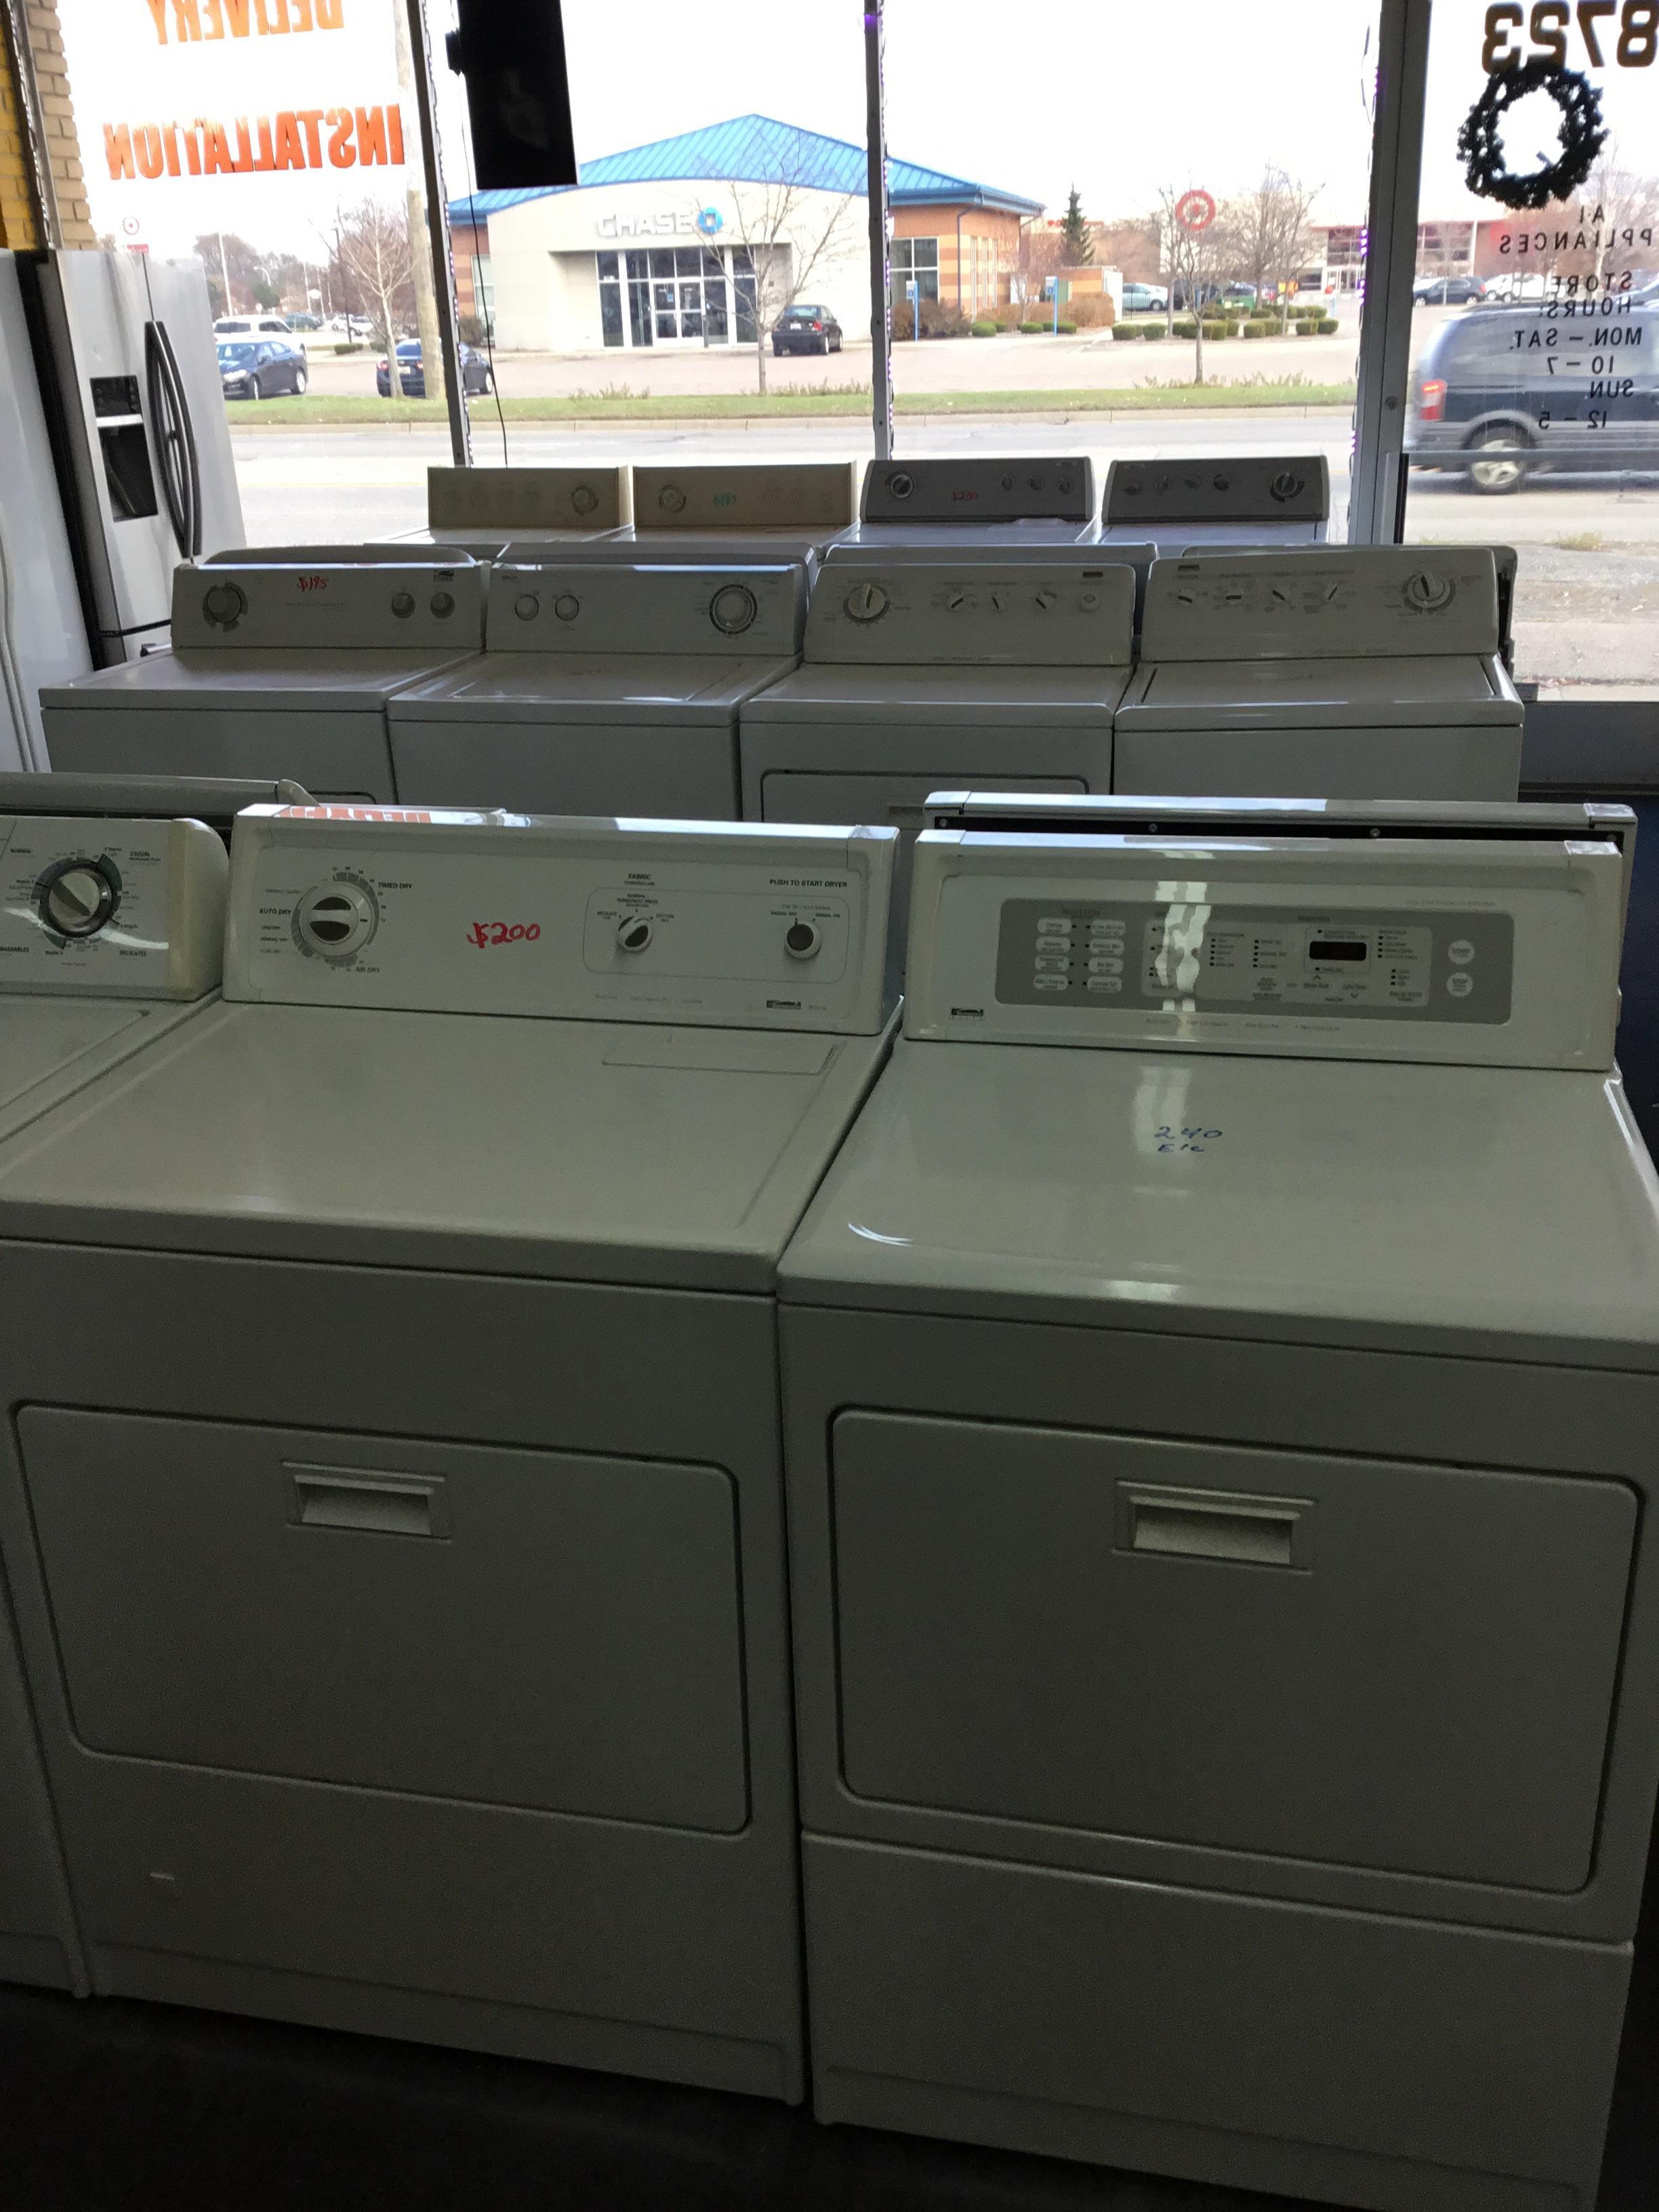 A1 Appliances image 0